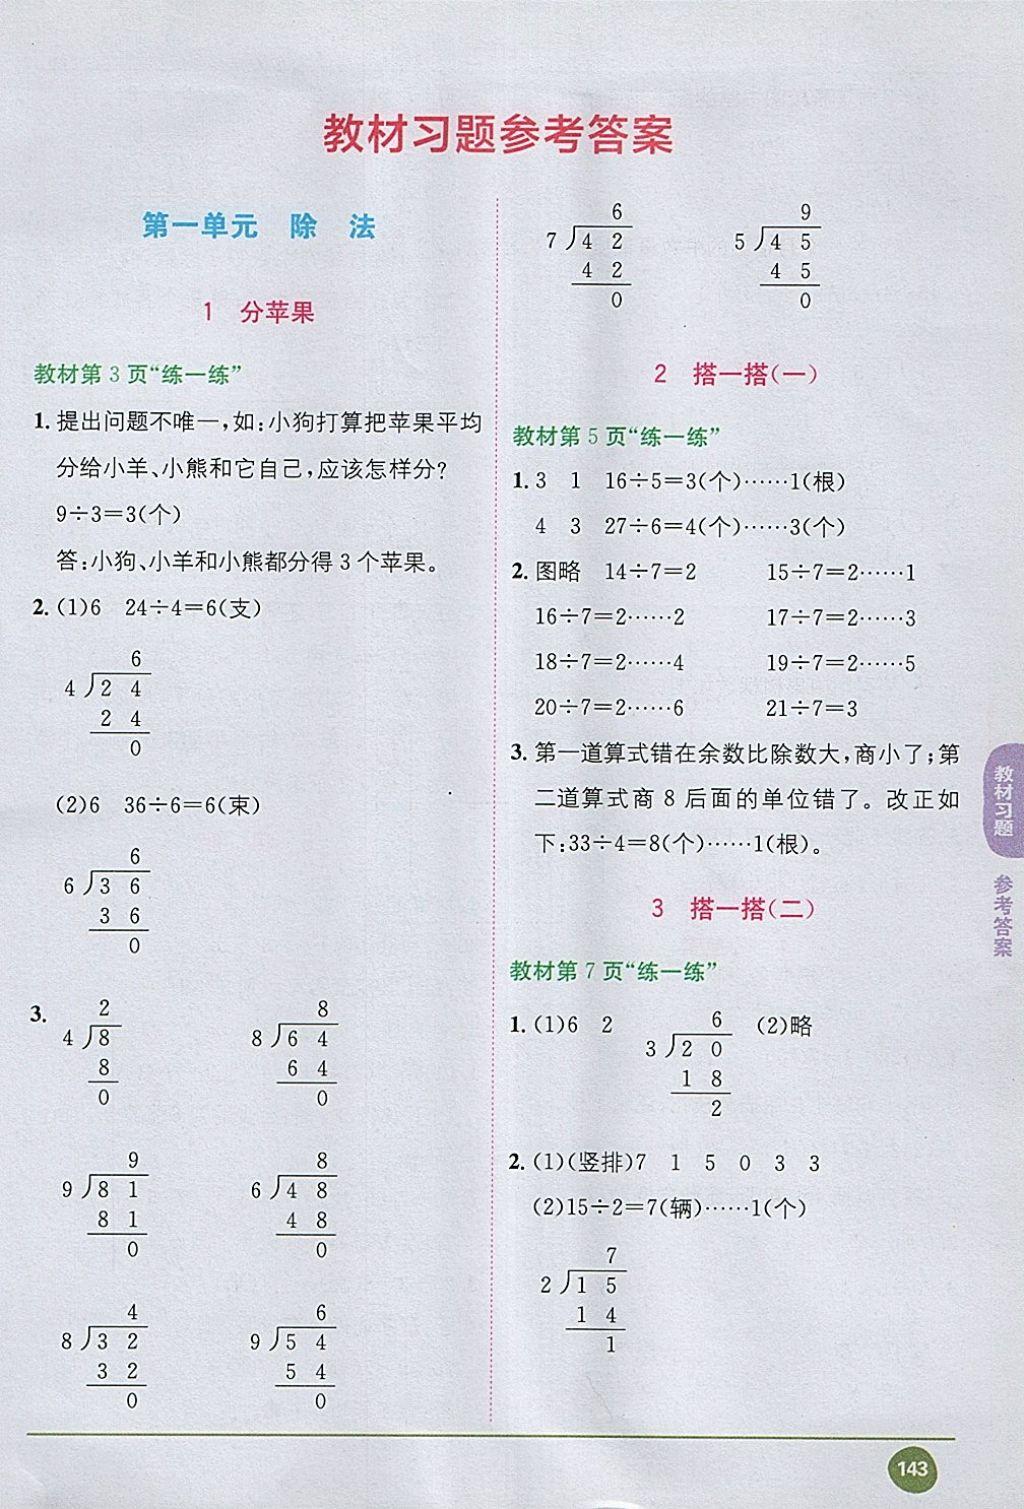 北师大版二年级下册数学书答案